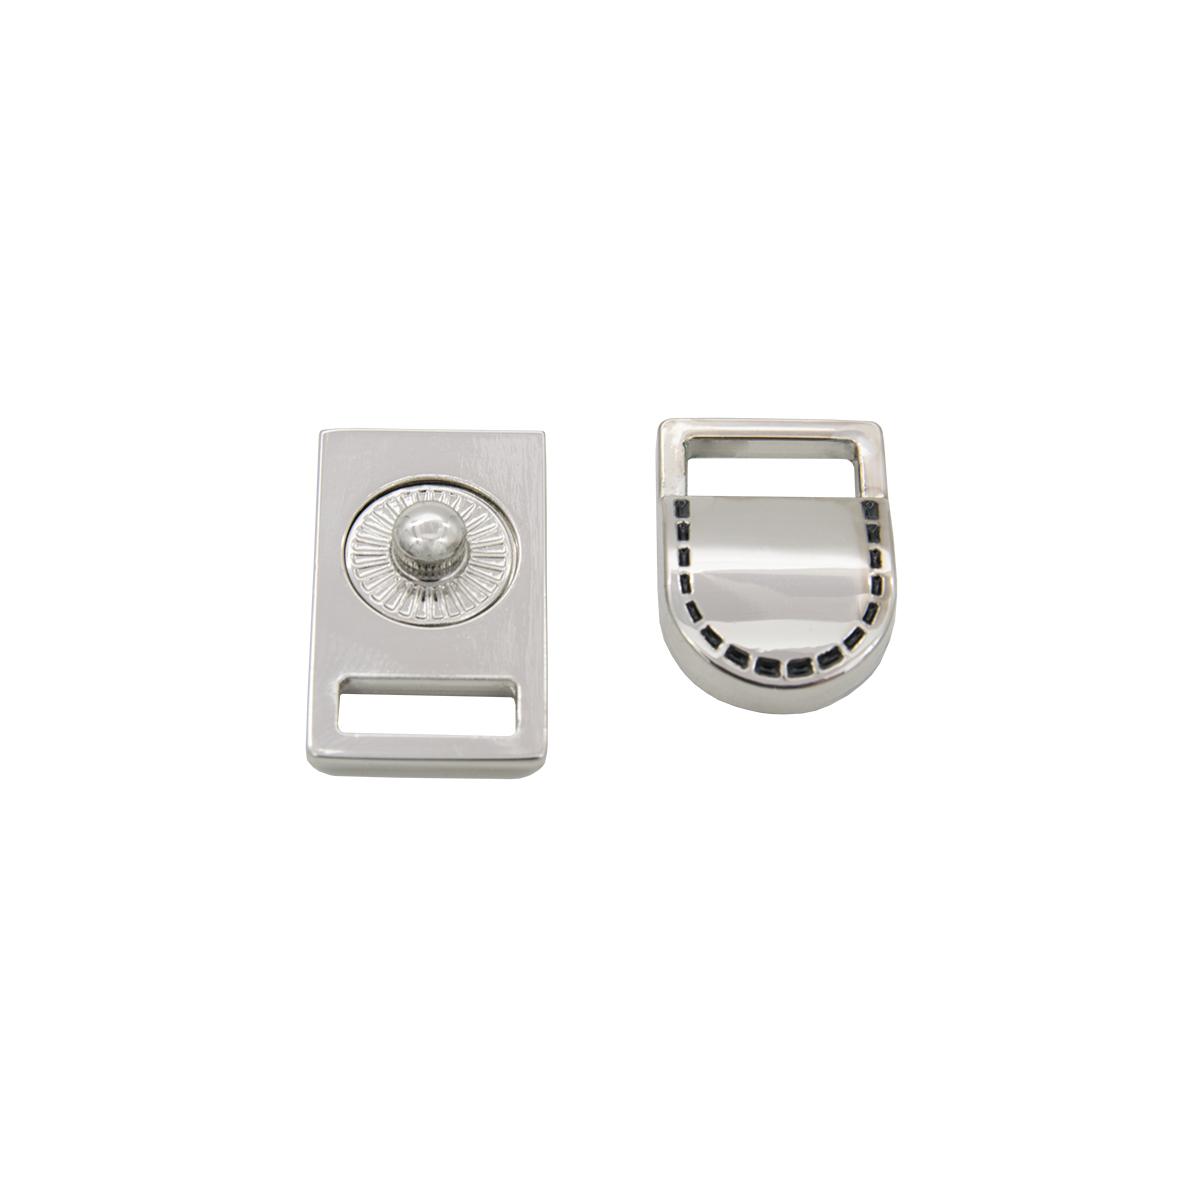 62280 Застежка с кнопкой 10,5мм ник/чер.отстрочка упак(1шт) Hobby&Pro